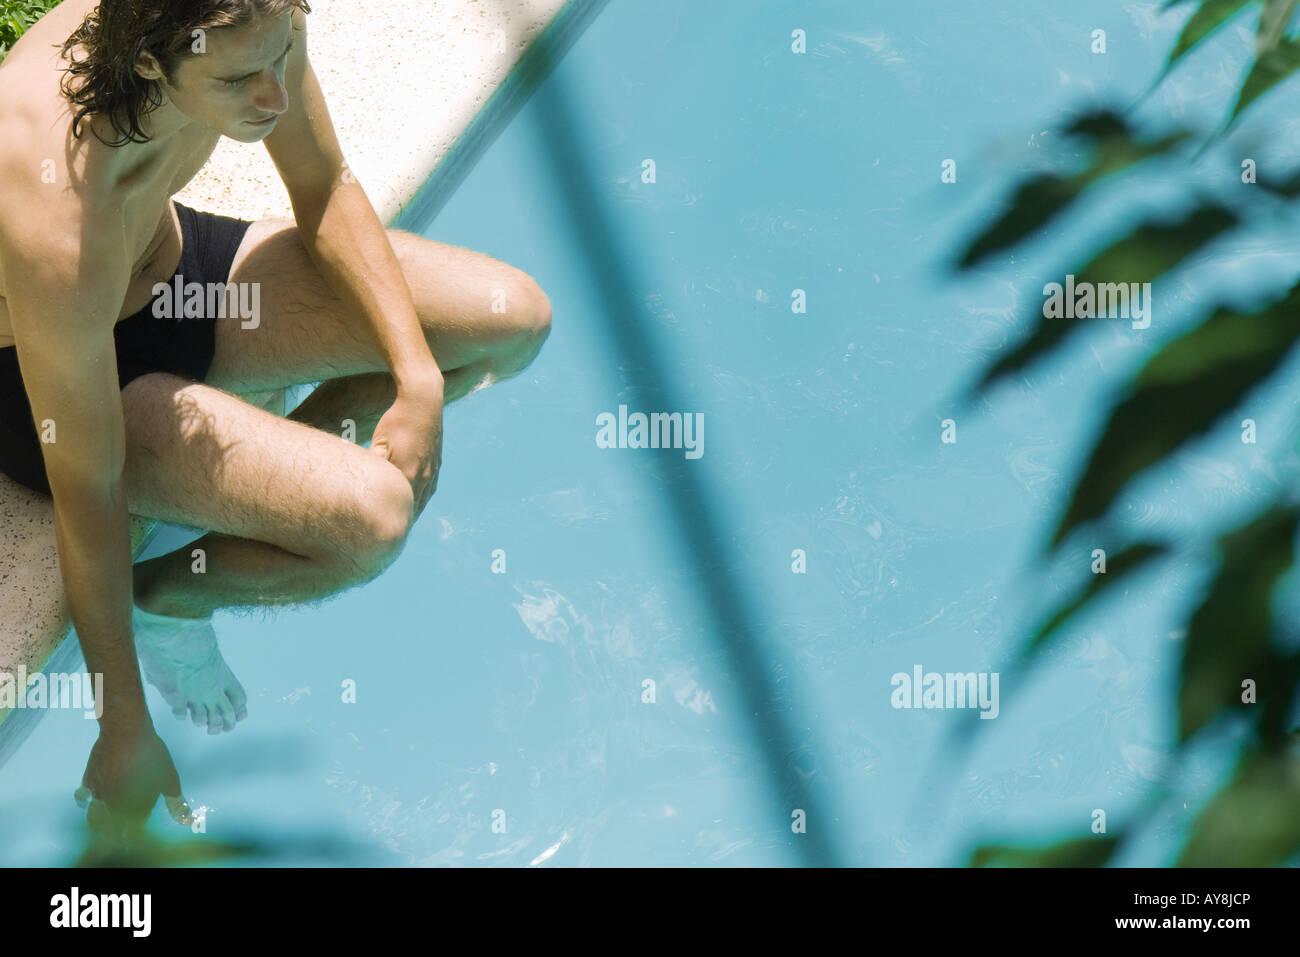 Mann sitzt neben Schwimmbad, einweichen, Füße und eine Hand im Wasser, erhöhte Ansicht Stockbild